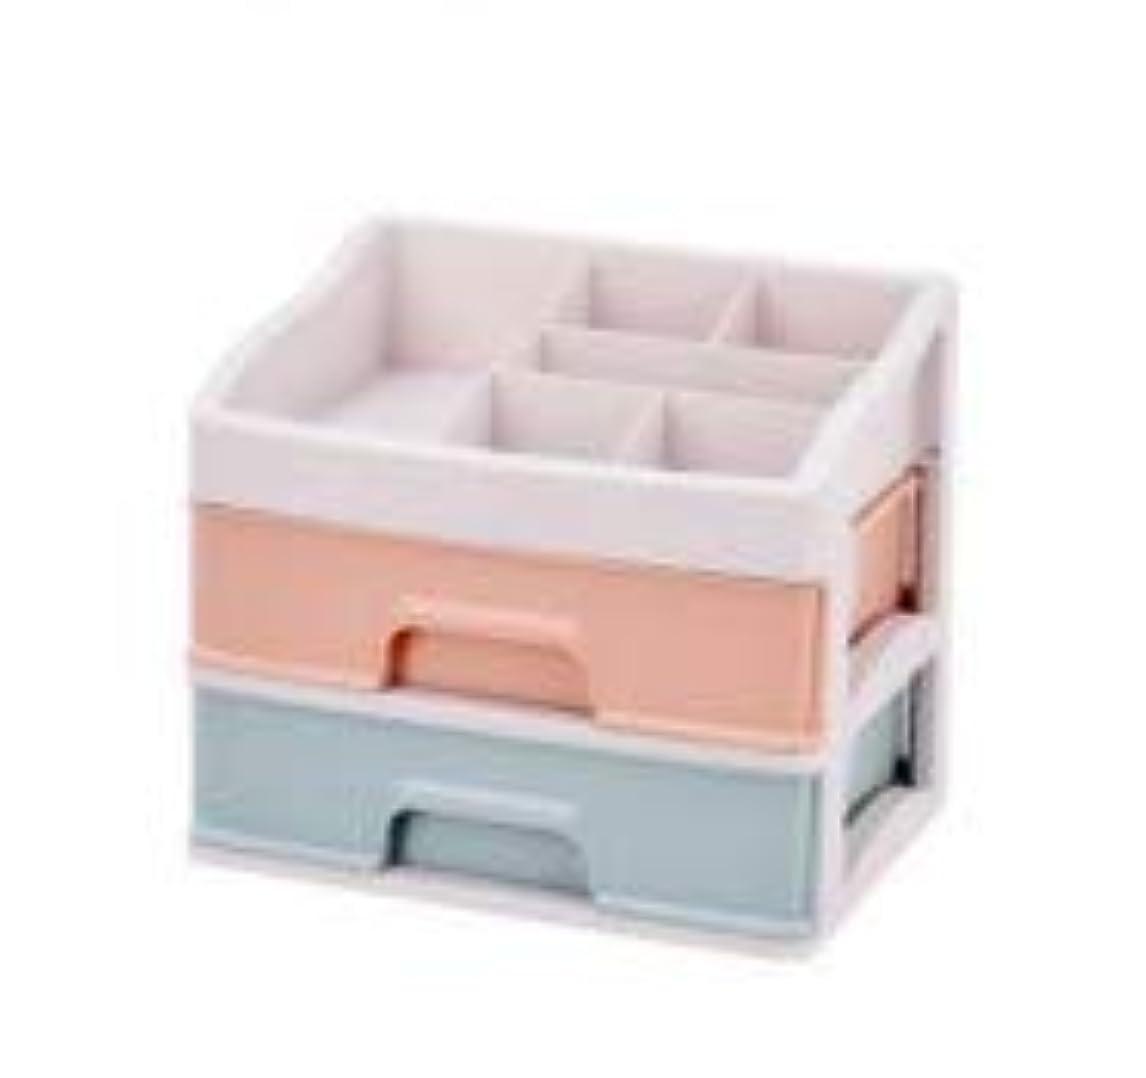 型最後に一致する化粧品収納ボックス引き出しデスクトップ収納ラック化粧台化粧品ケーススキンケア製品 (Size : M)